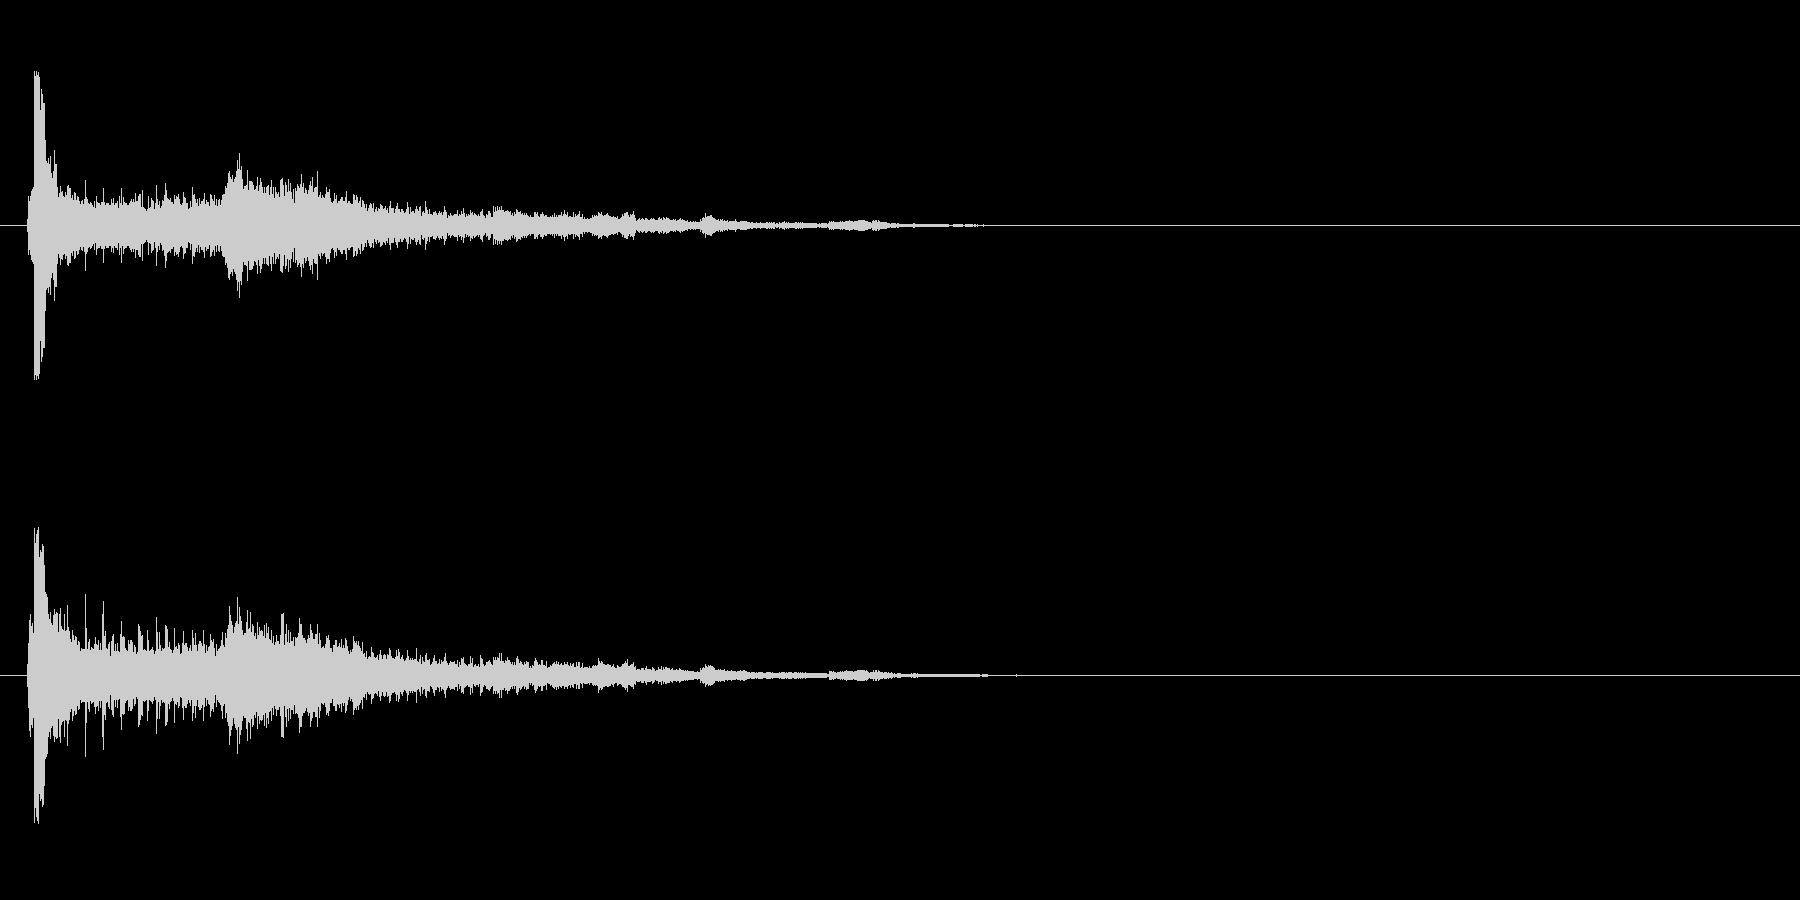 【アクセント01-1】の未再生の波形